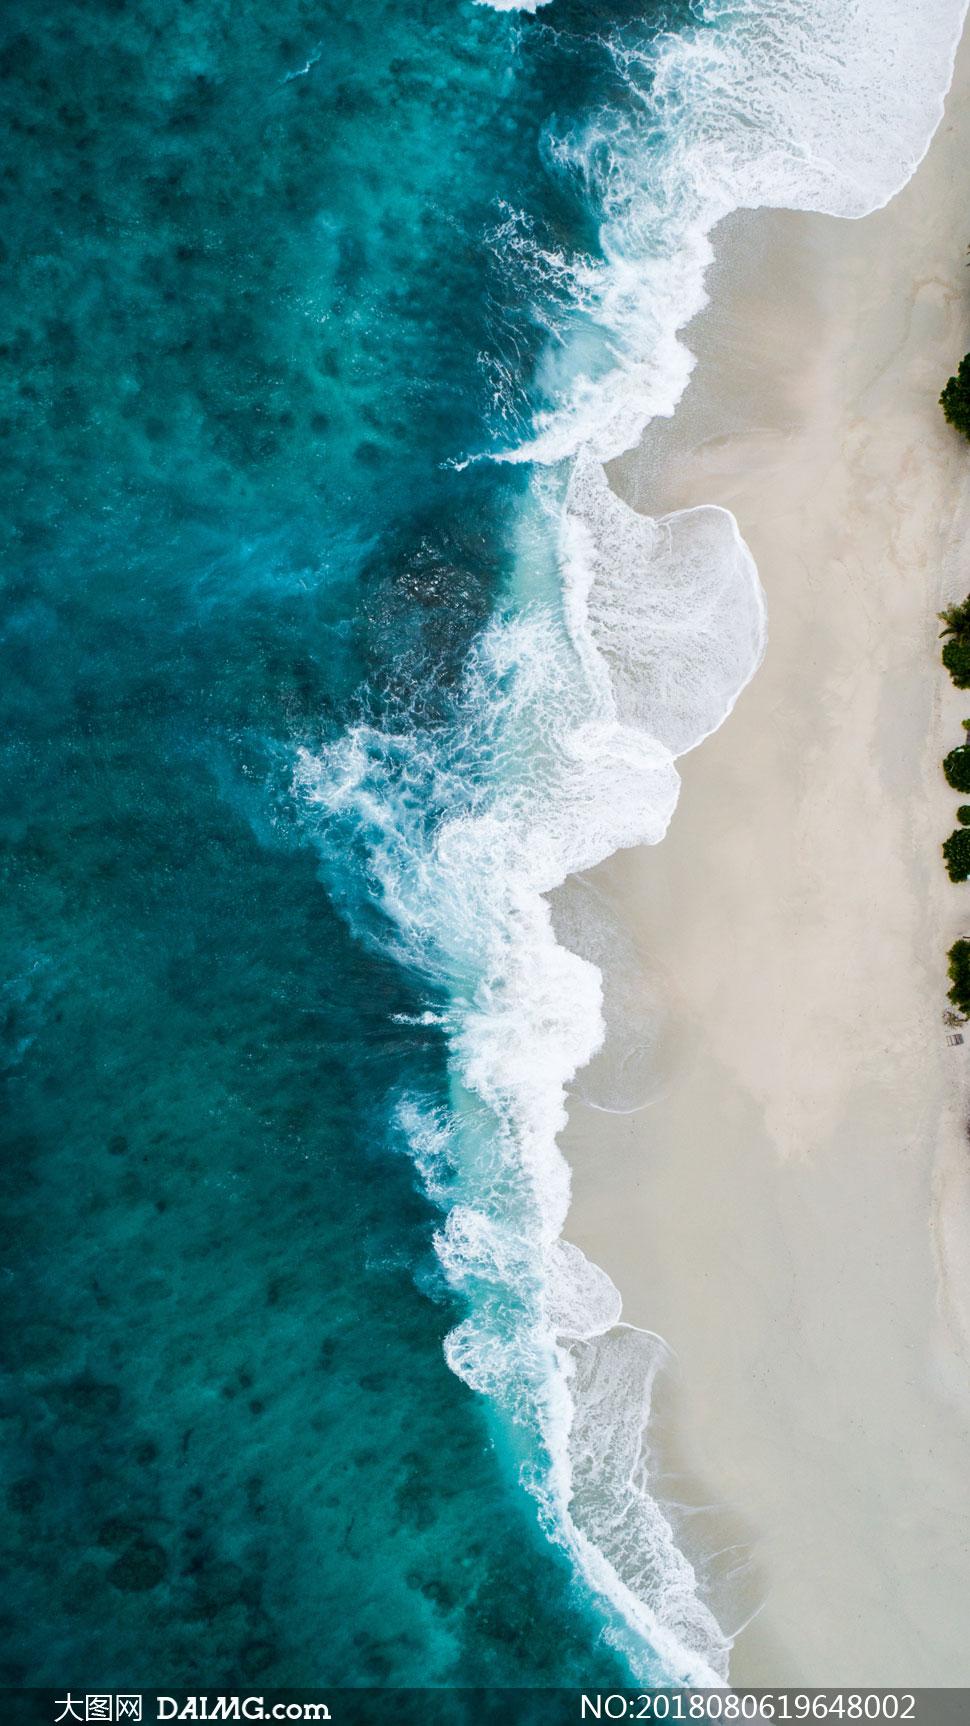 词: 高清摄影大图图片素材自然风景风光大海海水海景海面水面沙滩海滩